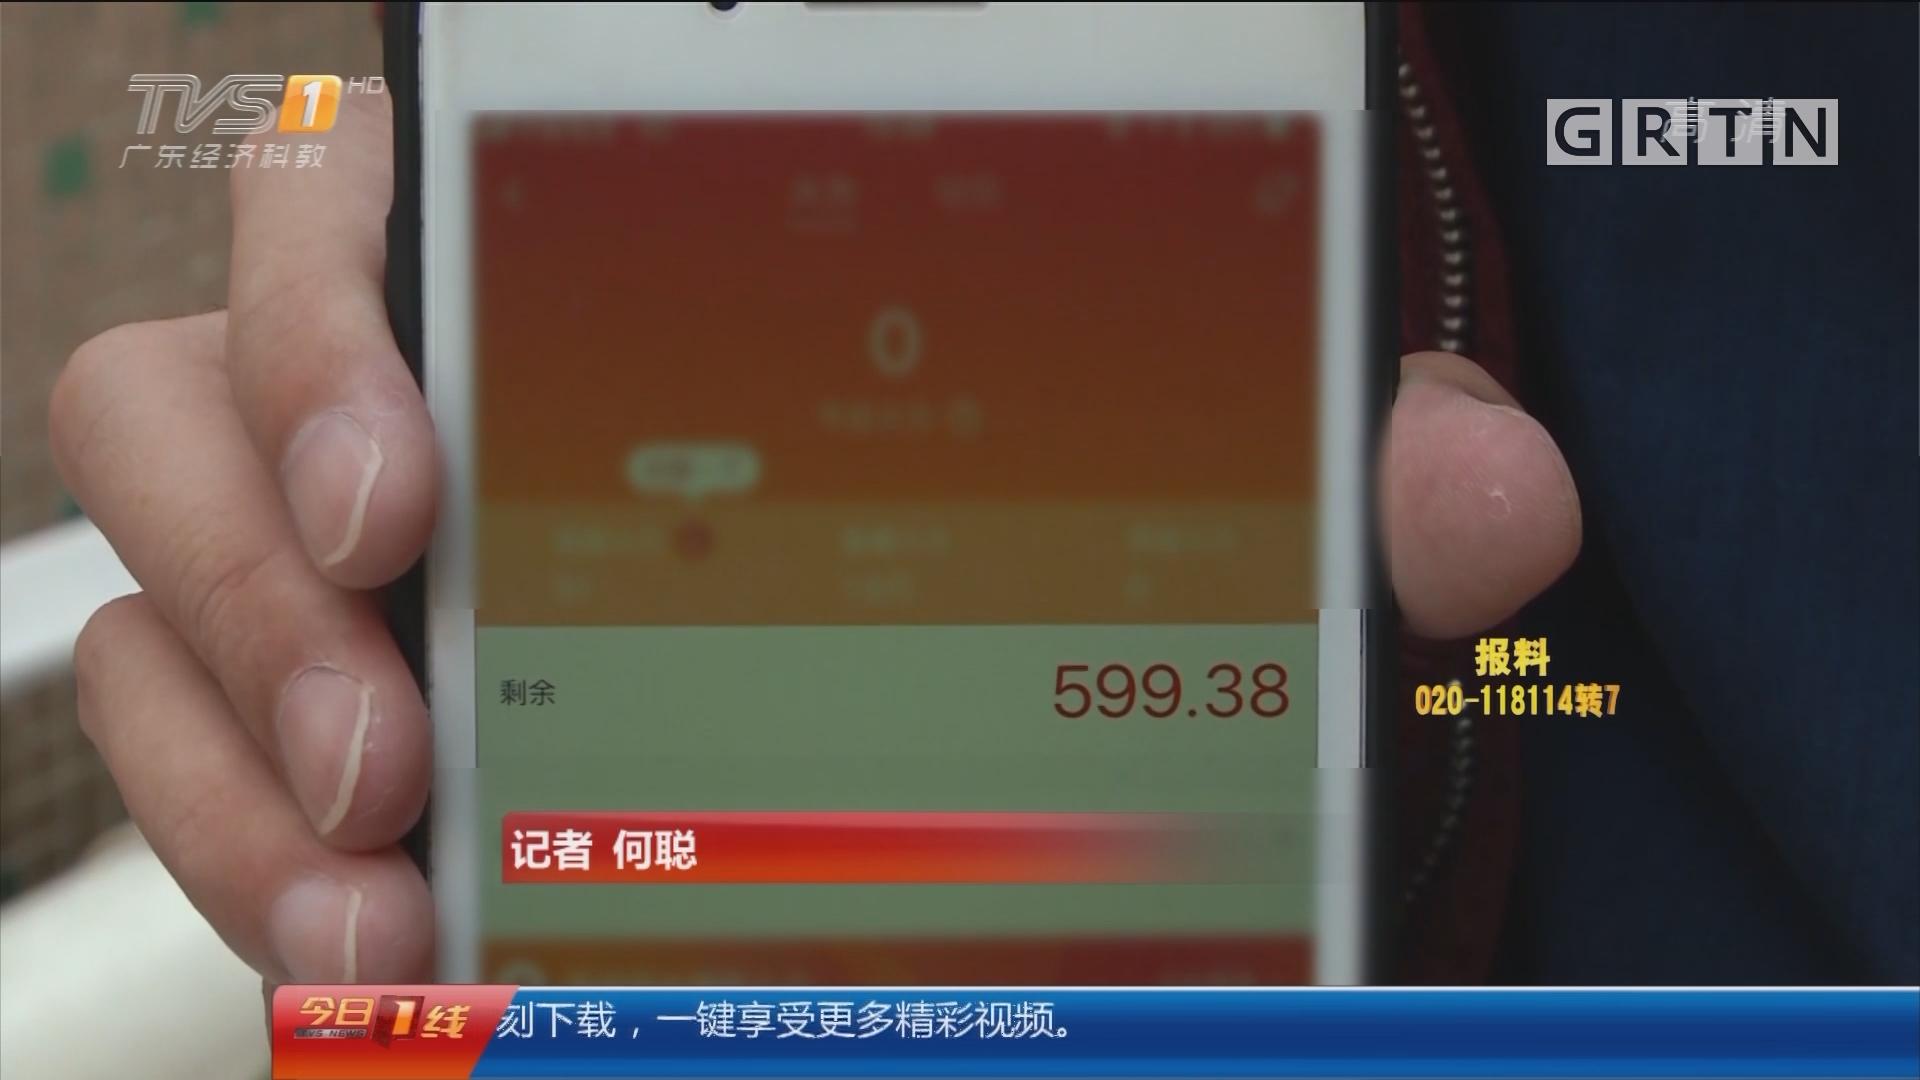 深圳:直播15天想解约 反遭索赔50万